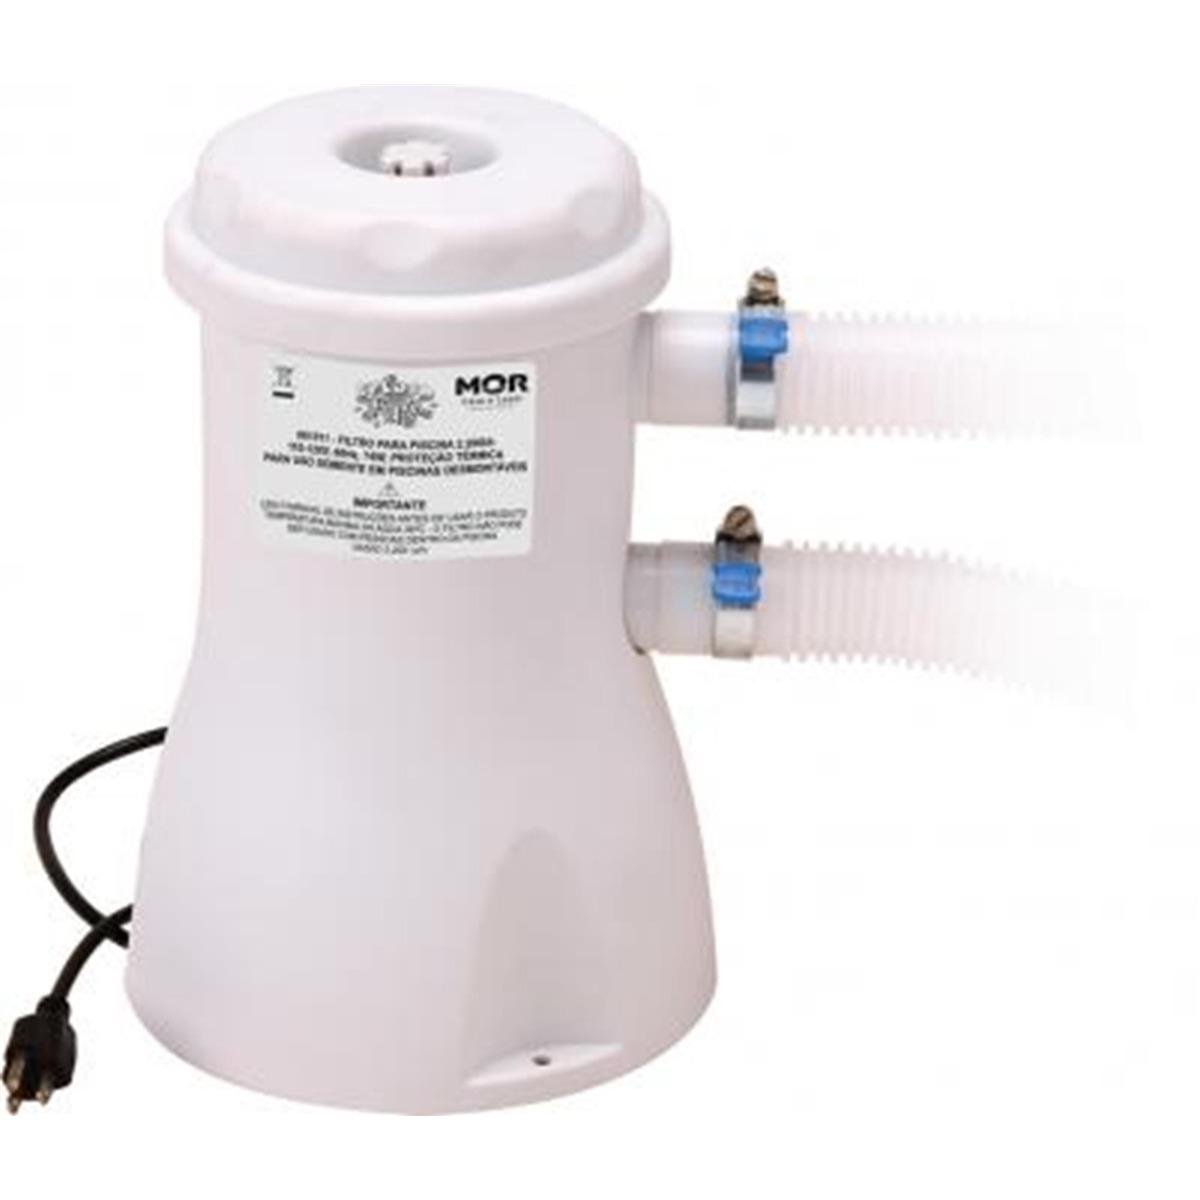 Bomba filtro para piscina 2200l h 110v mor r 213 00 for Filtro de piscina